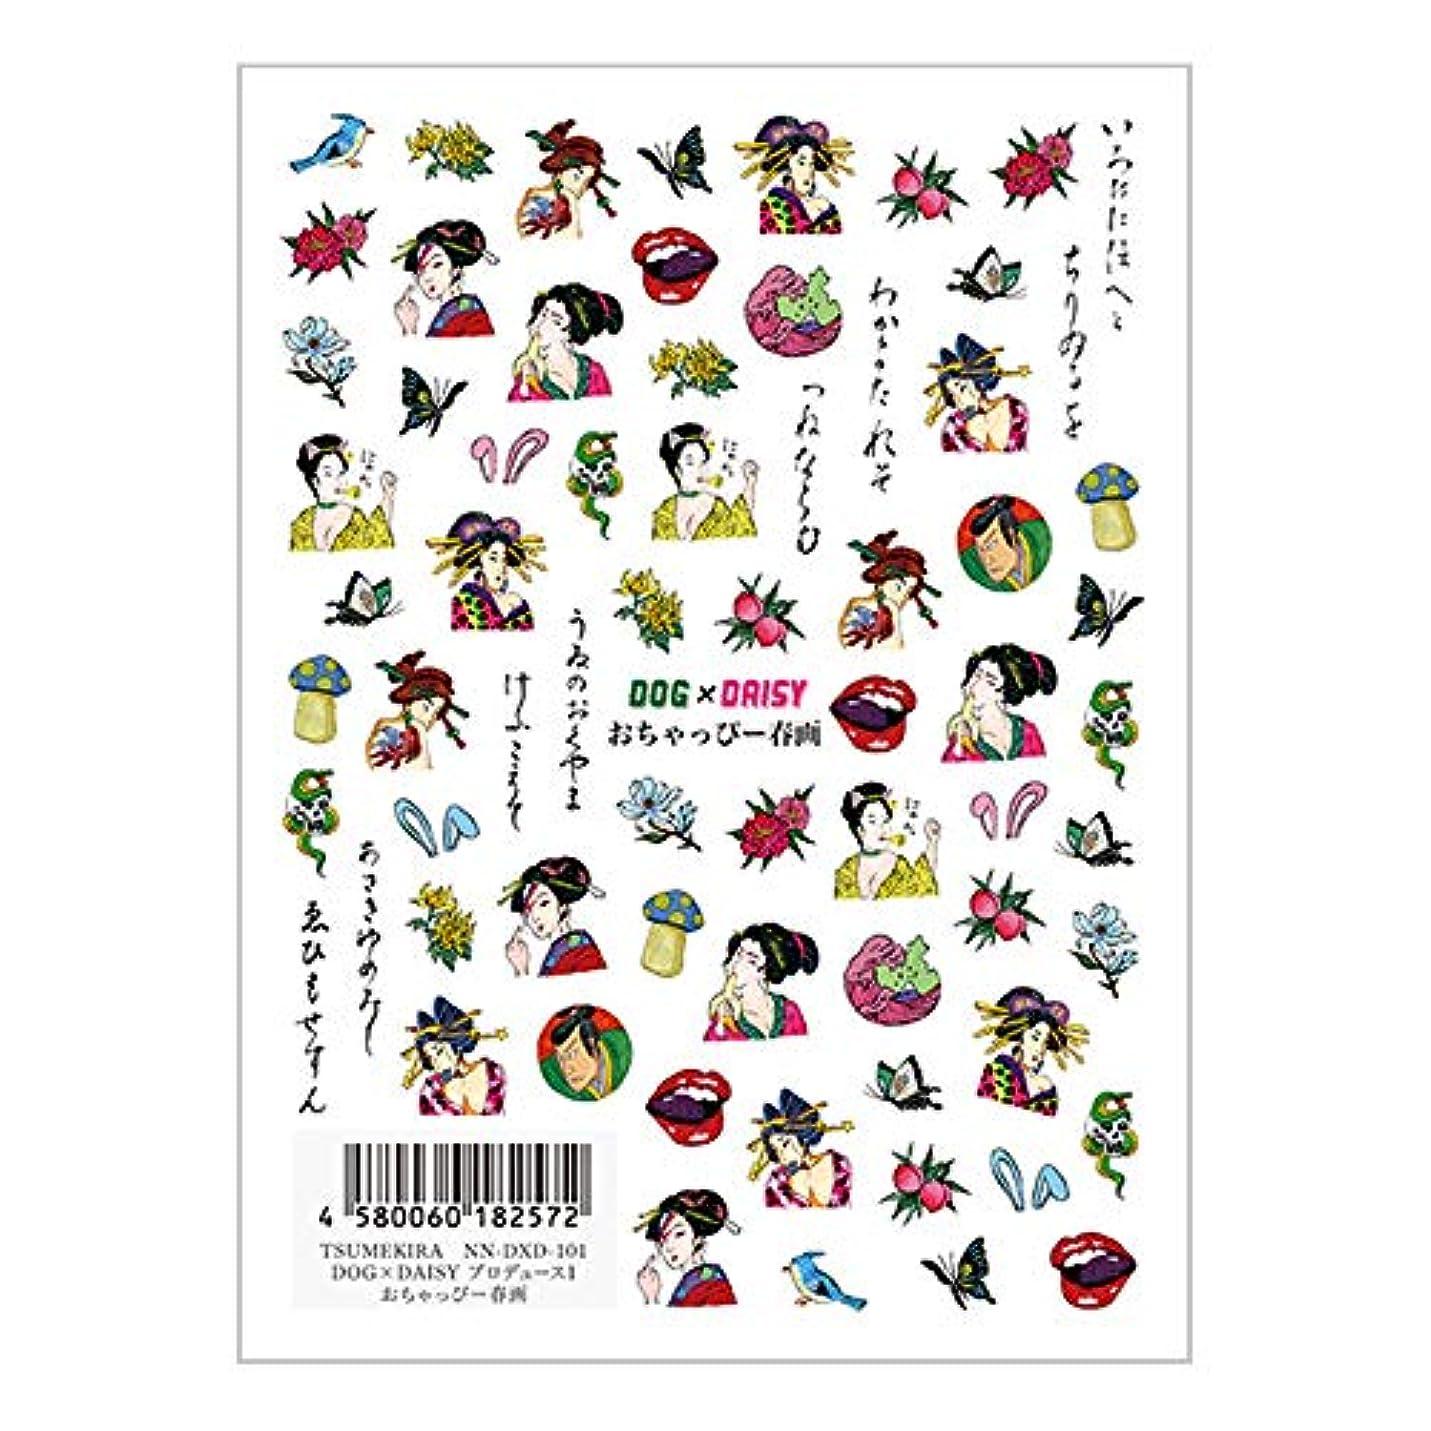 悲しみサミットコメントTSUMEKIRA(ツメキラ) ネイルシール DOG×DAISYプロデュース1 おちゃっぴー春画 NN-DXD-101